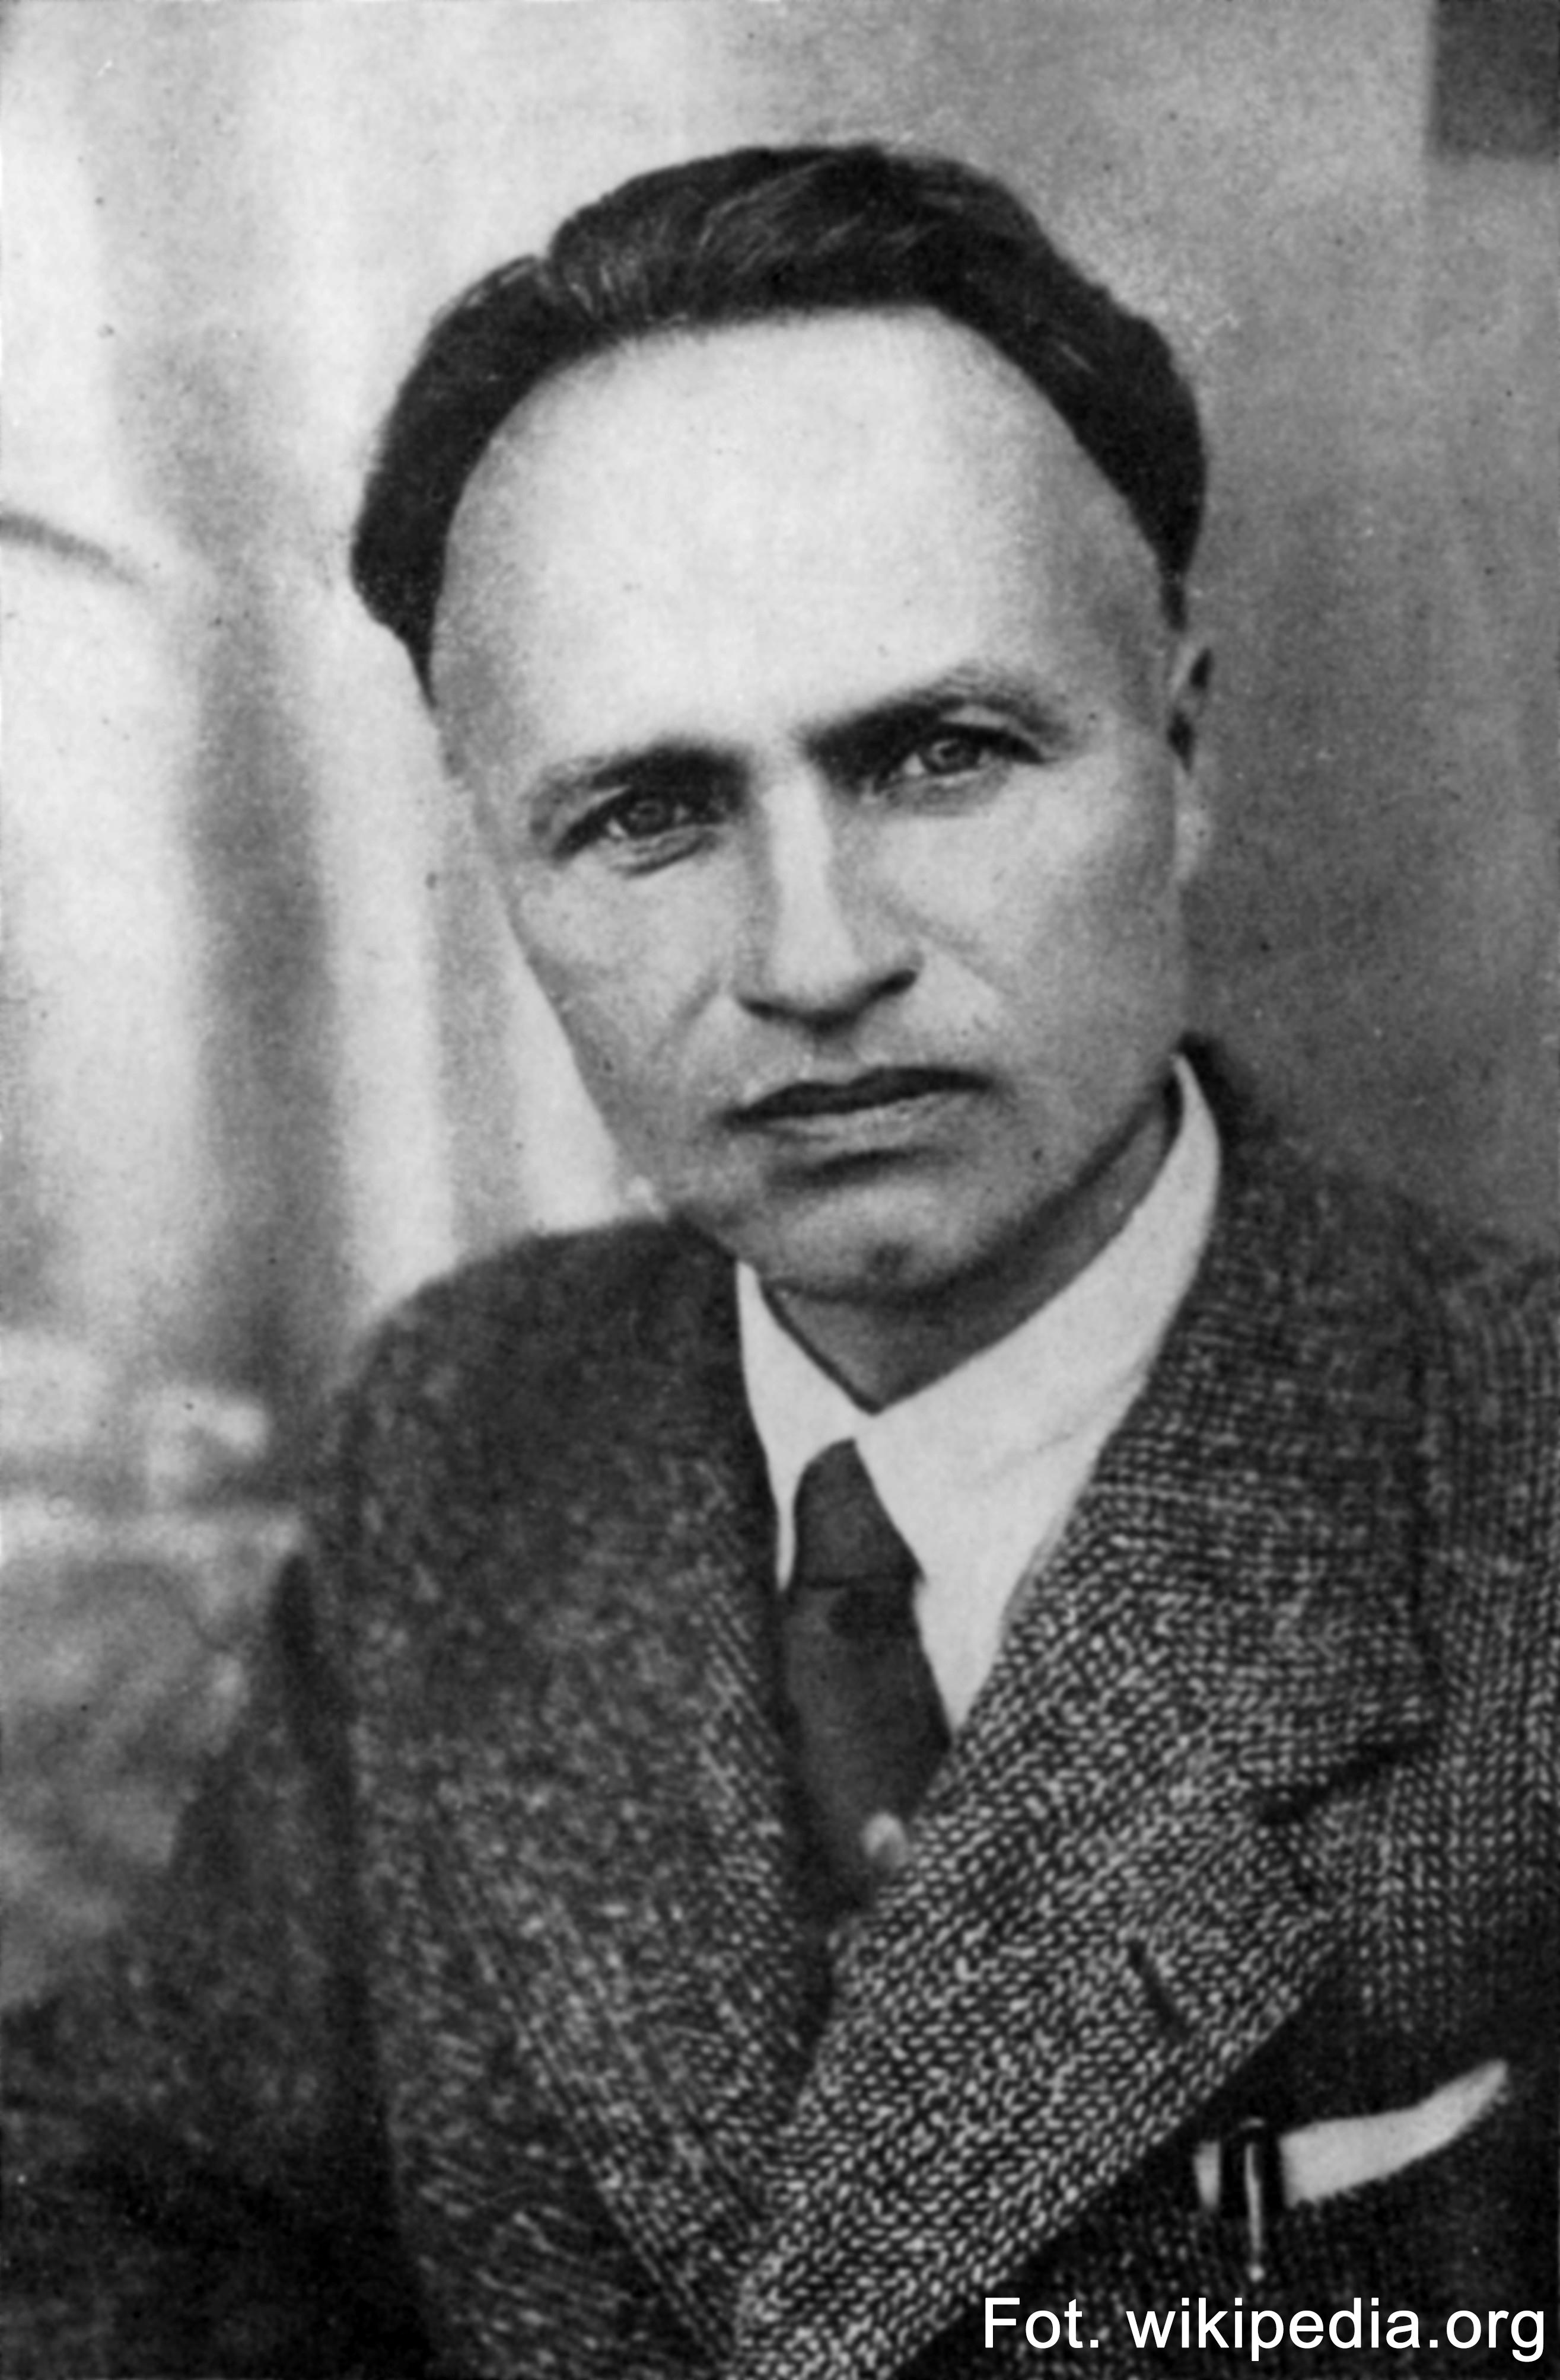 6.10.1970 - Zmarł Julian Przyboś, poeta, eseista, teoretyk literatury, pochodzący z Gwoźnicy koło Niebylca (w przedwojennym powiecie rzeszowskim).